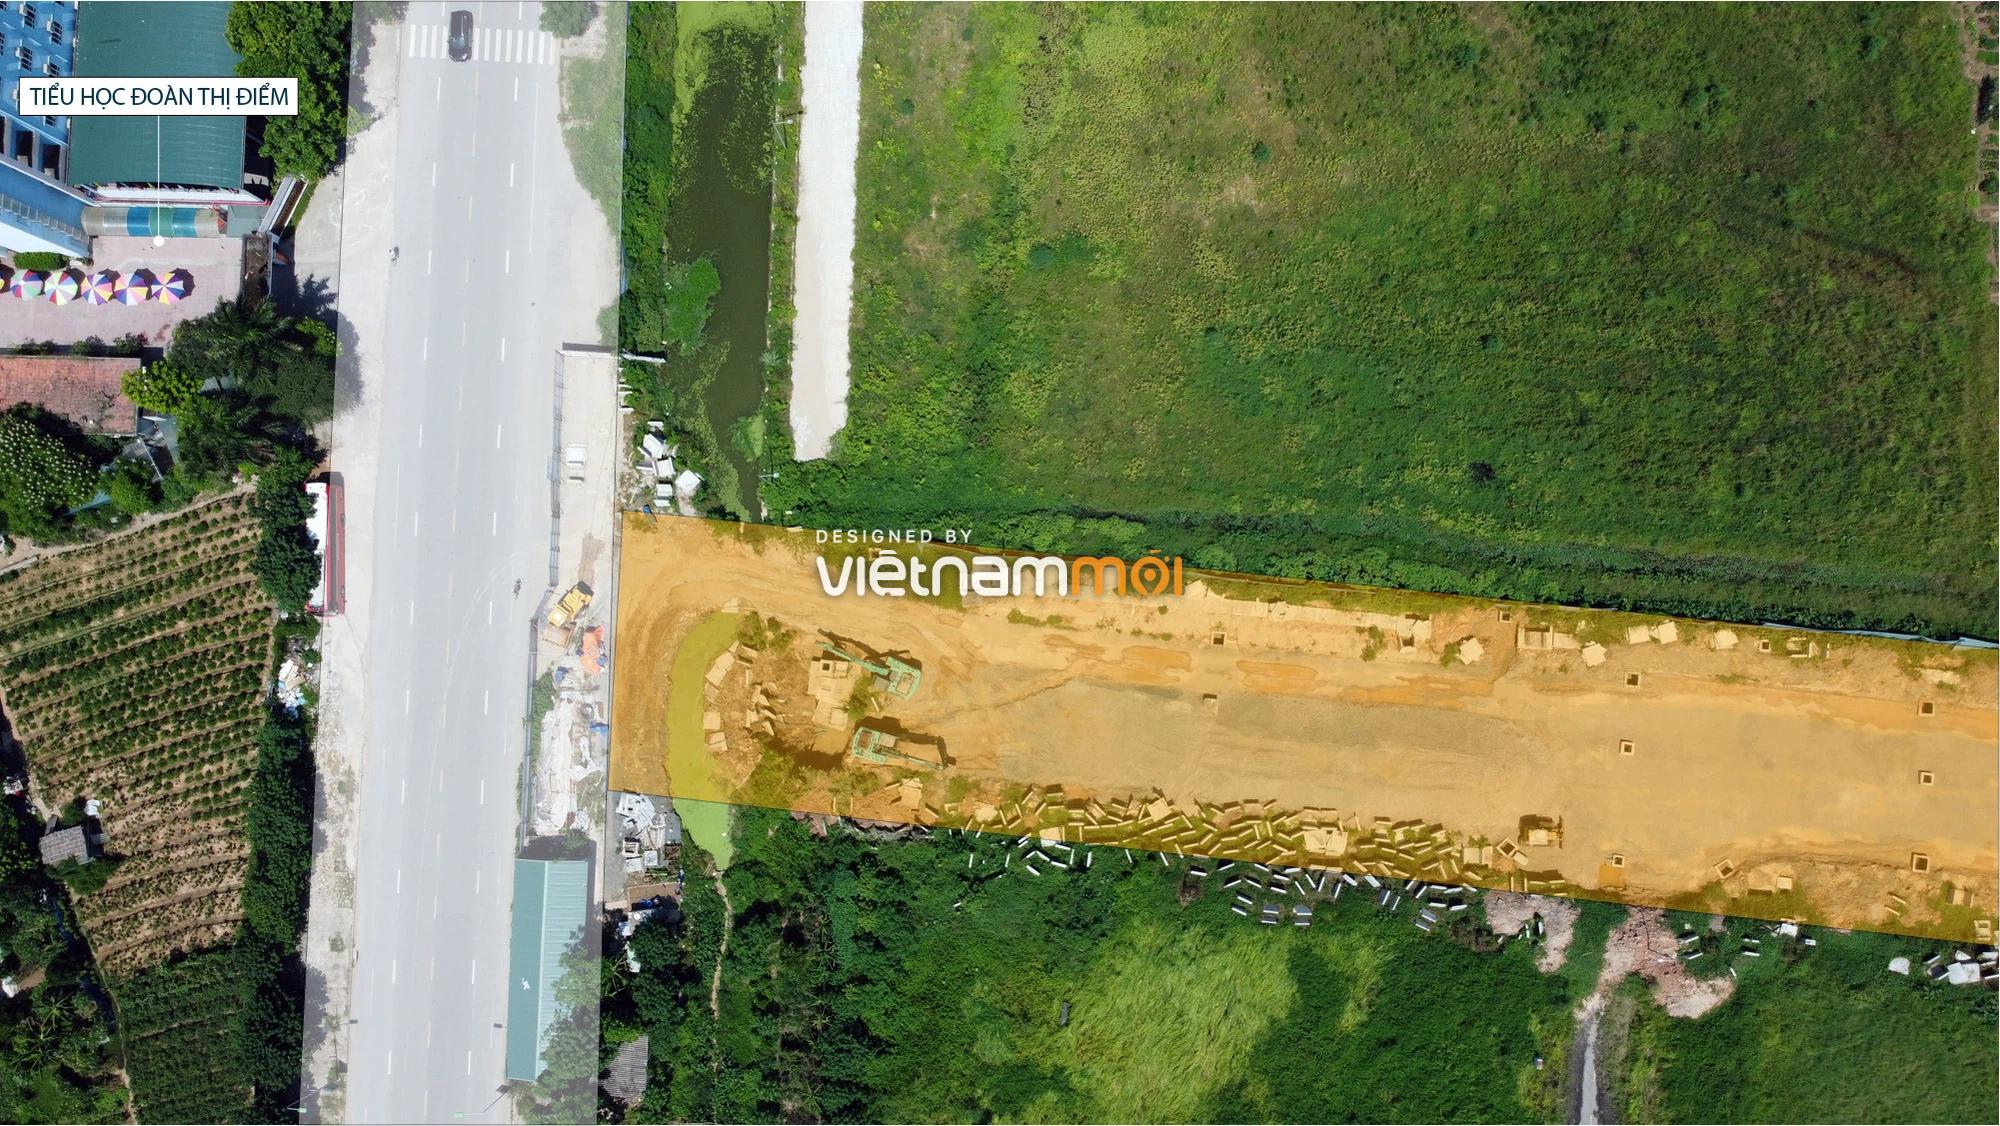 Toàn cảnh tuyến đường nối Hoàng Tăng Bí - Phố Viên đang mở theo quy hoạch ở Hà Nội - Ảnh 13.